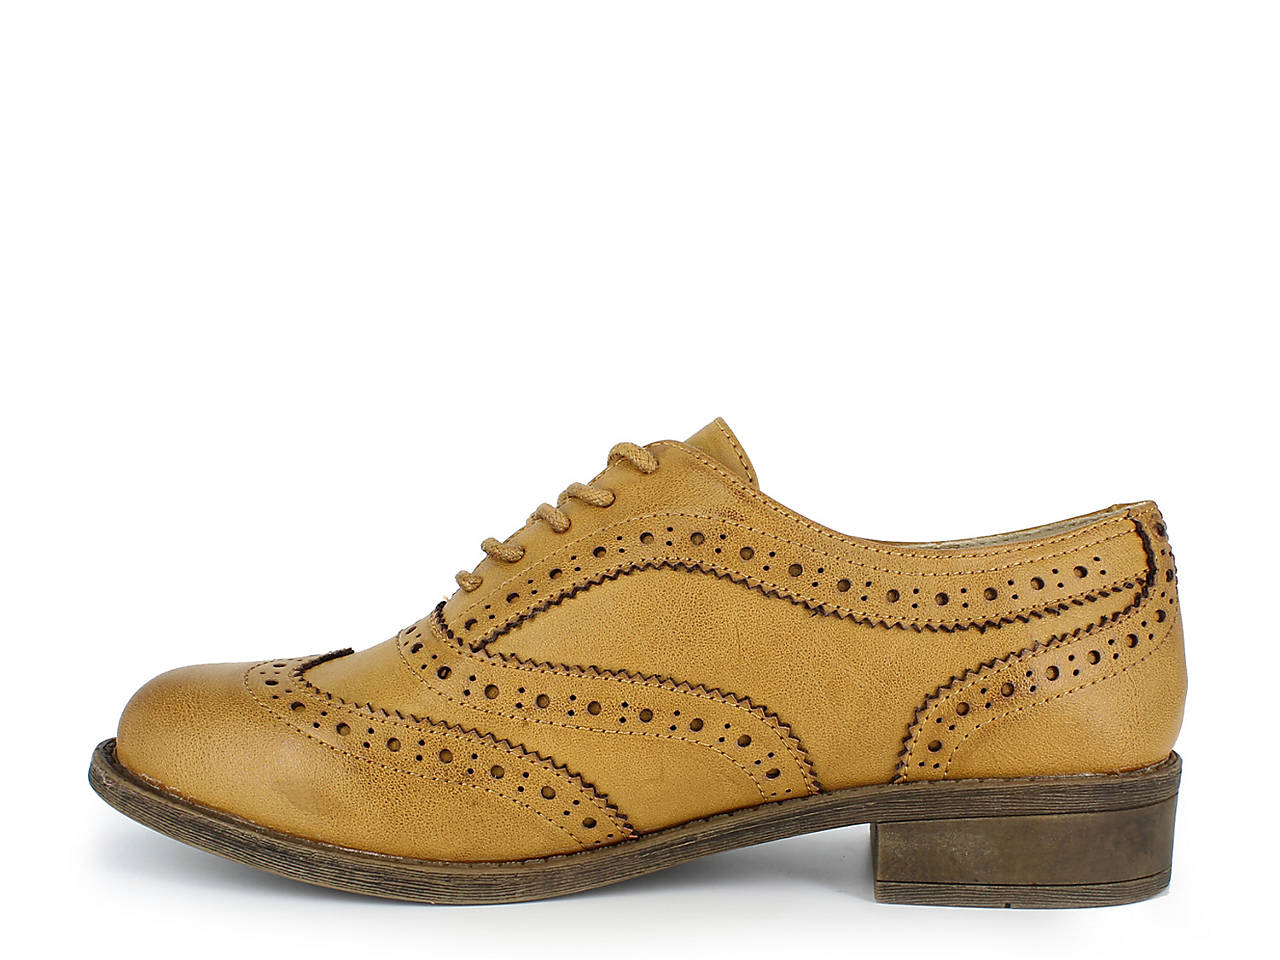 Dolce by Mojo Moxy Riley ... Women's Wingtip Dress Shoes cKzNDcGo